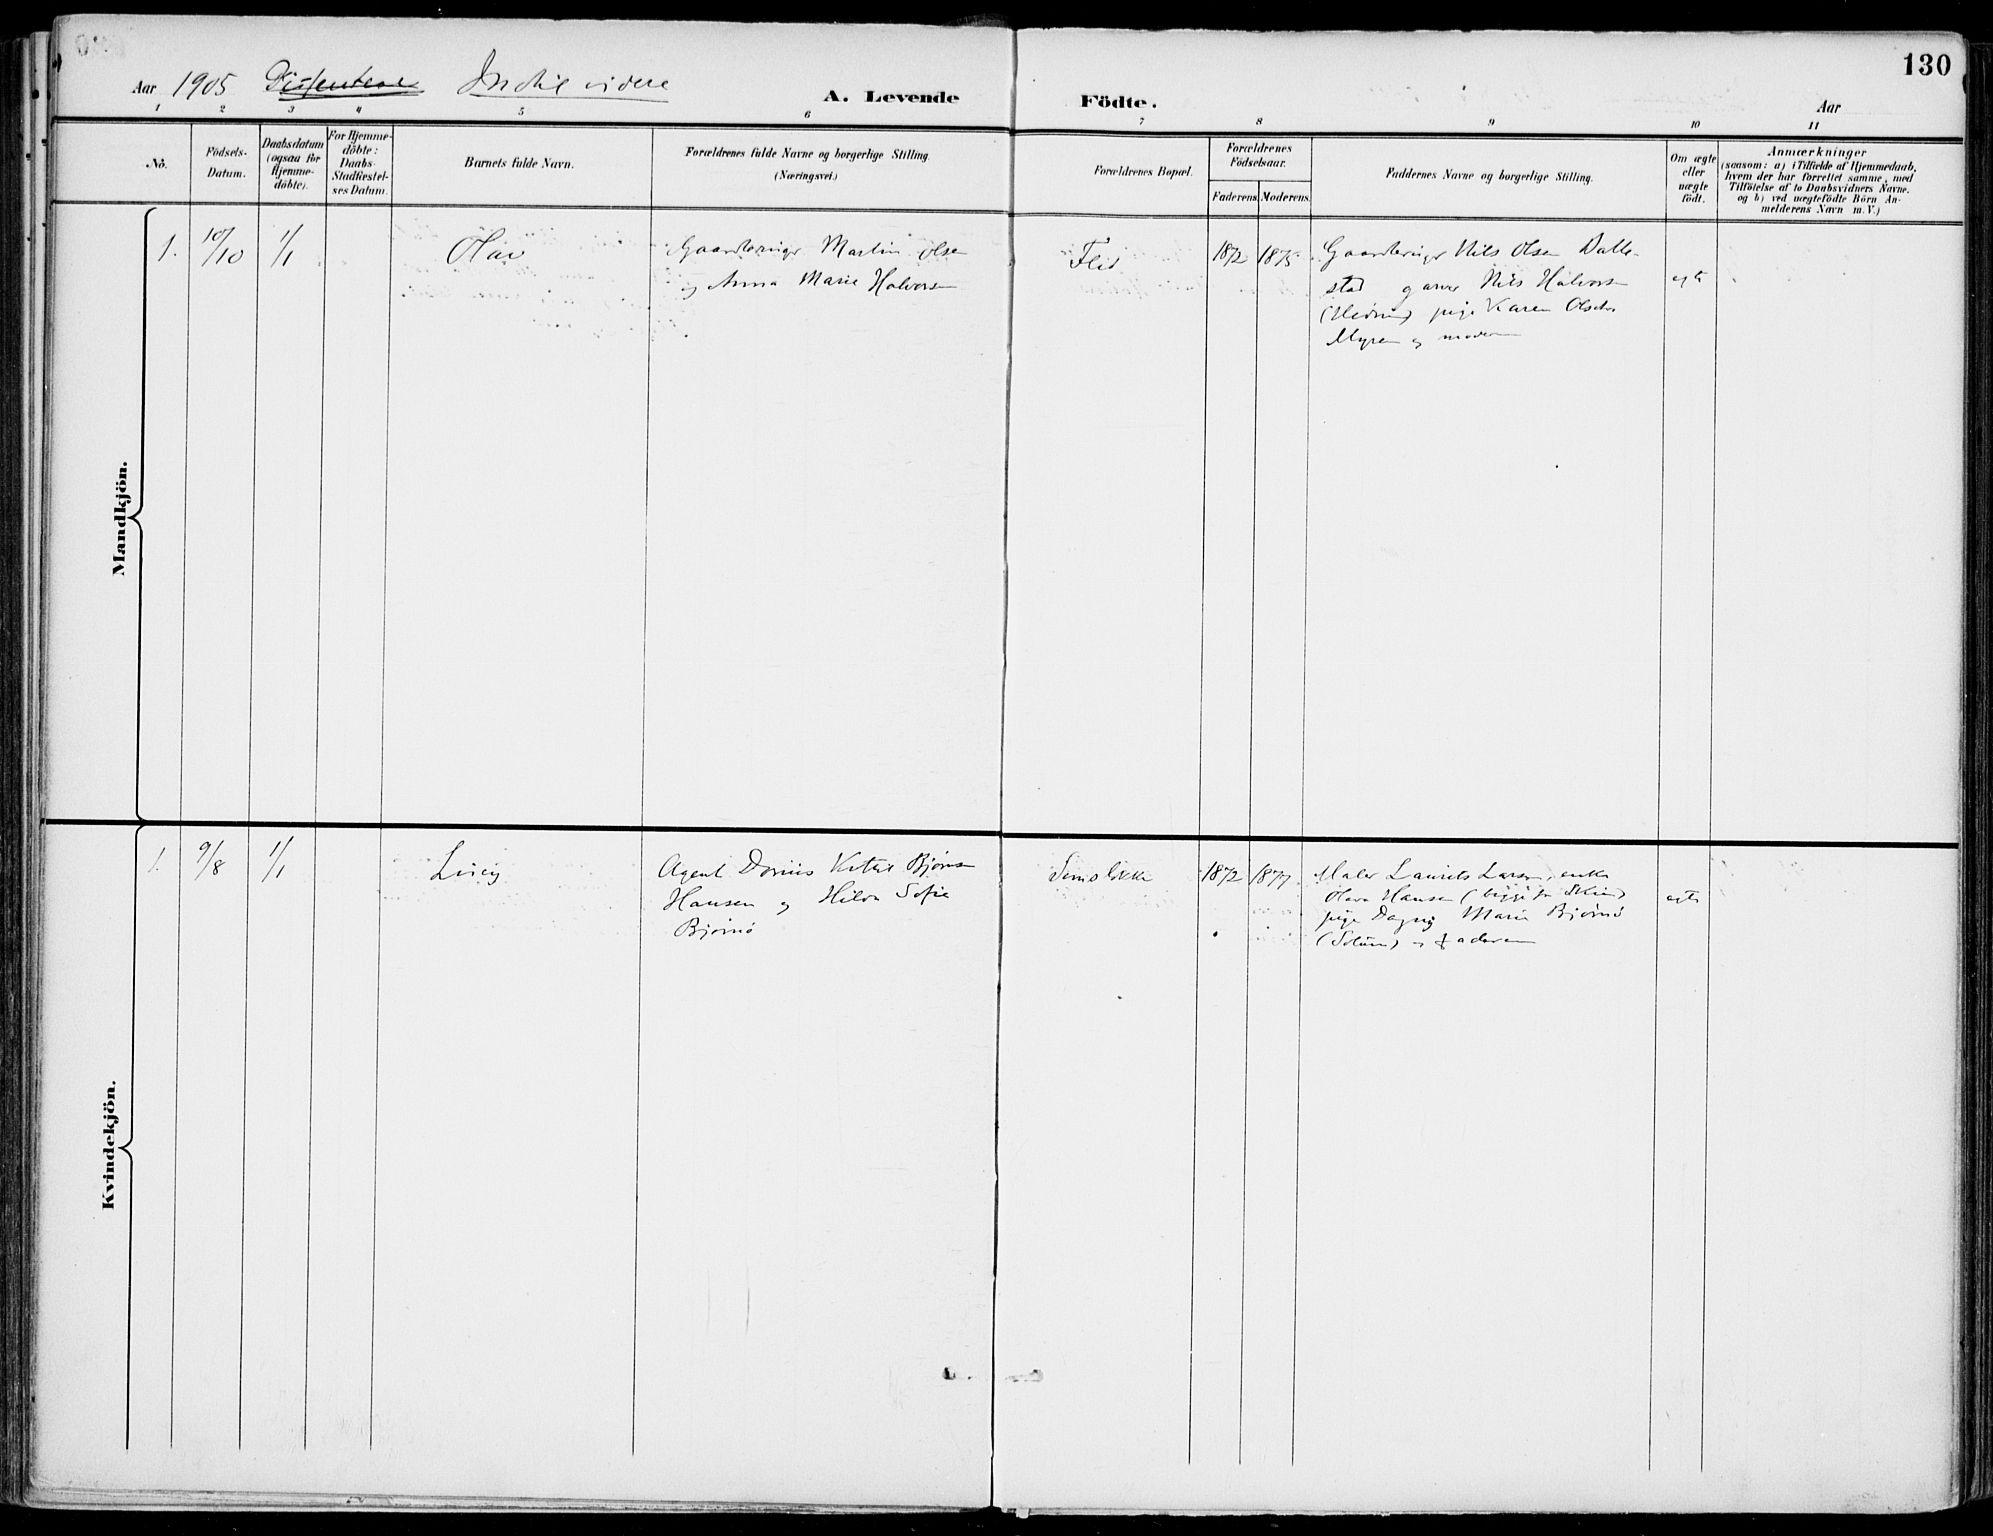 SAKO, Gjerpen kirkebøker, F/Fa/L0011: Ministerialbok nr. 11, 1896-1904, s. 130